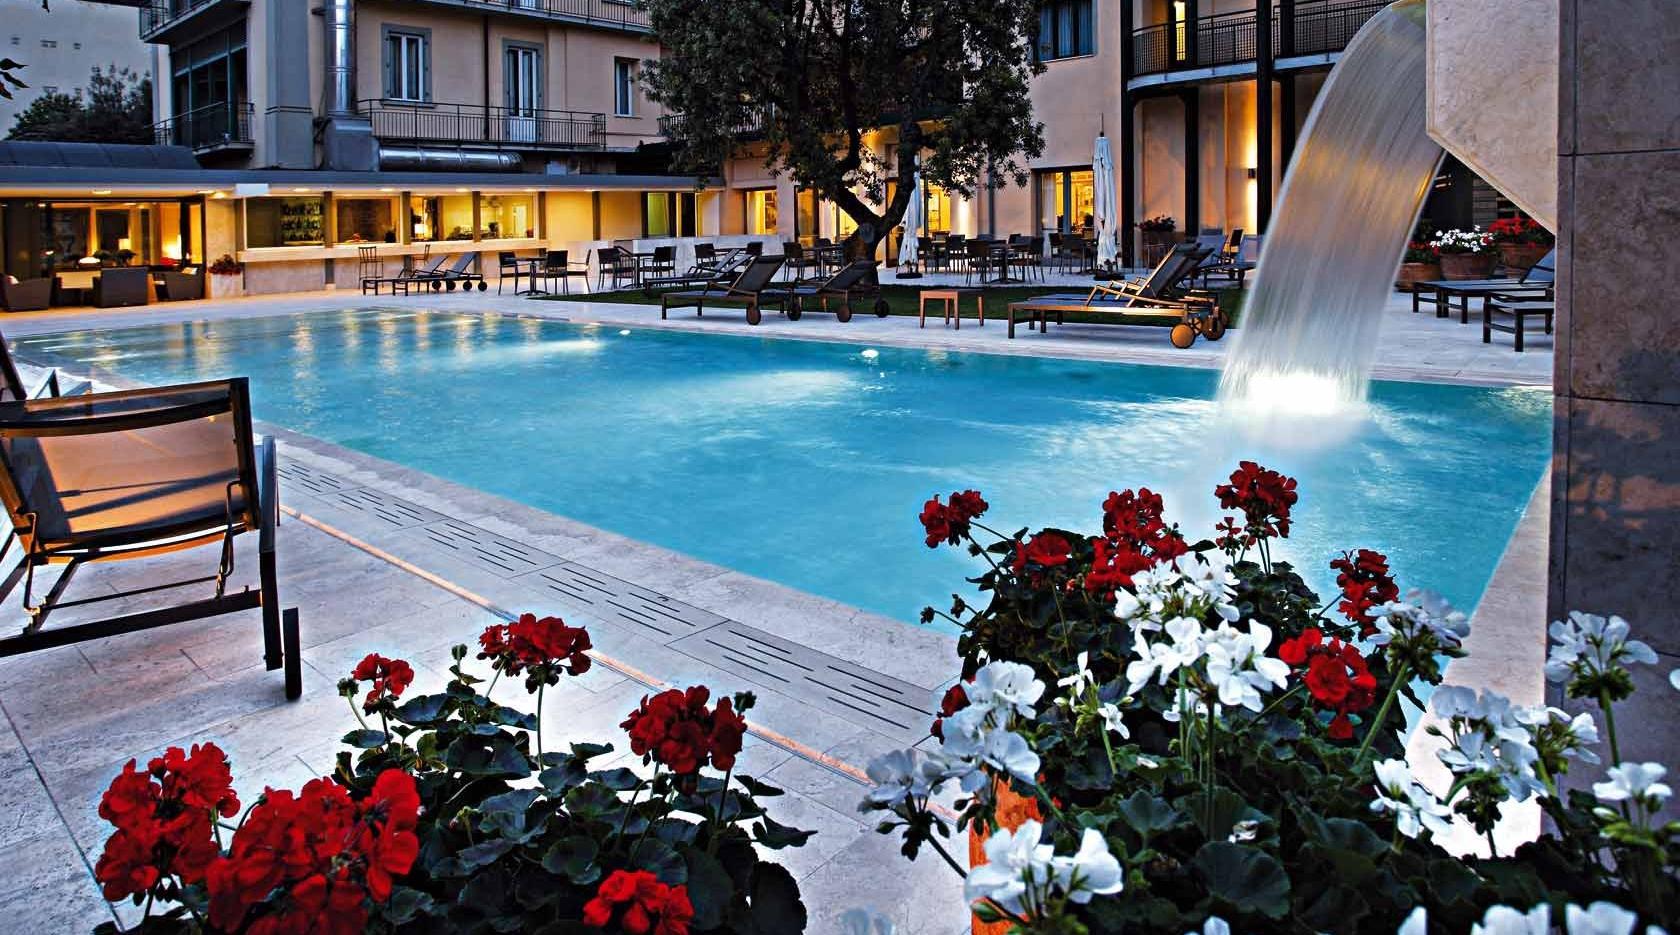 Thb Grand Hotel Croce Di Malta In Montecatini Terme